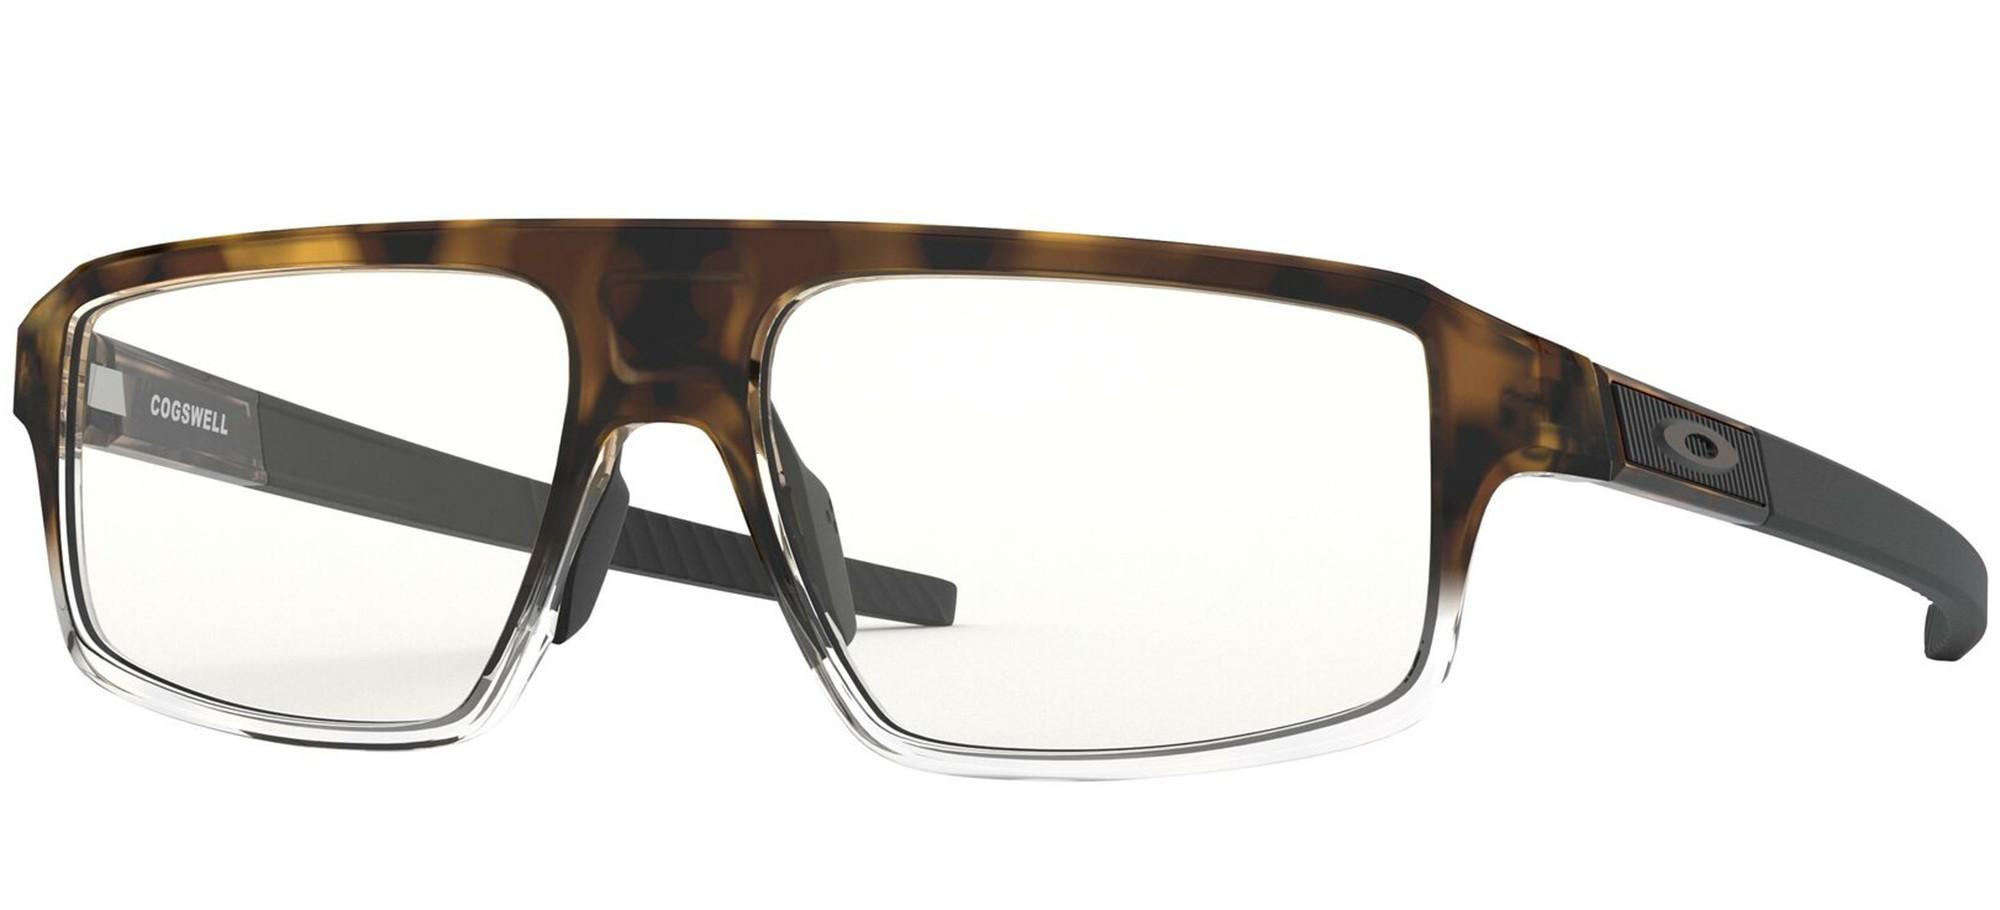 Oakley eyeglasses COGSWELL OX 8157